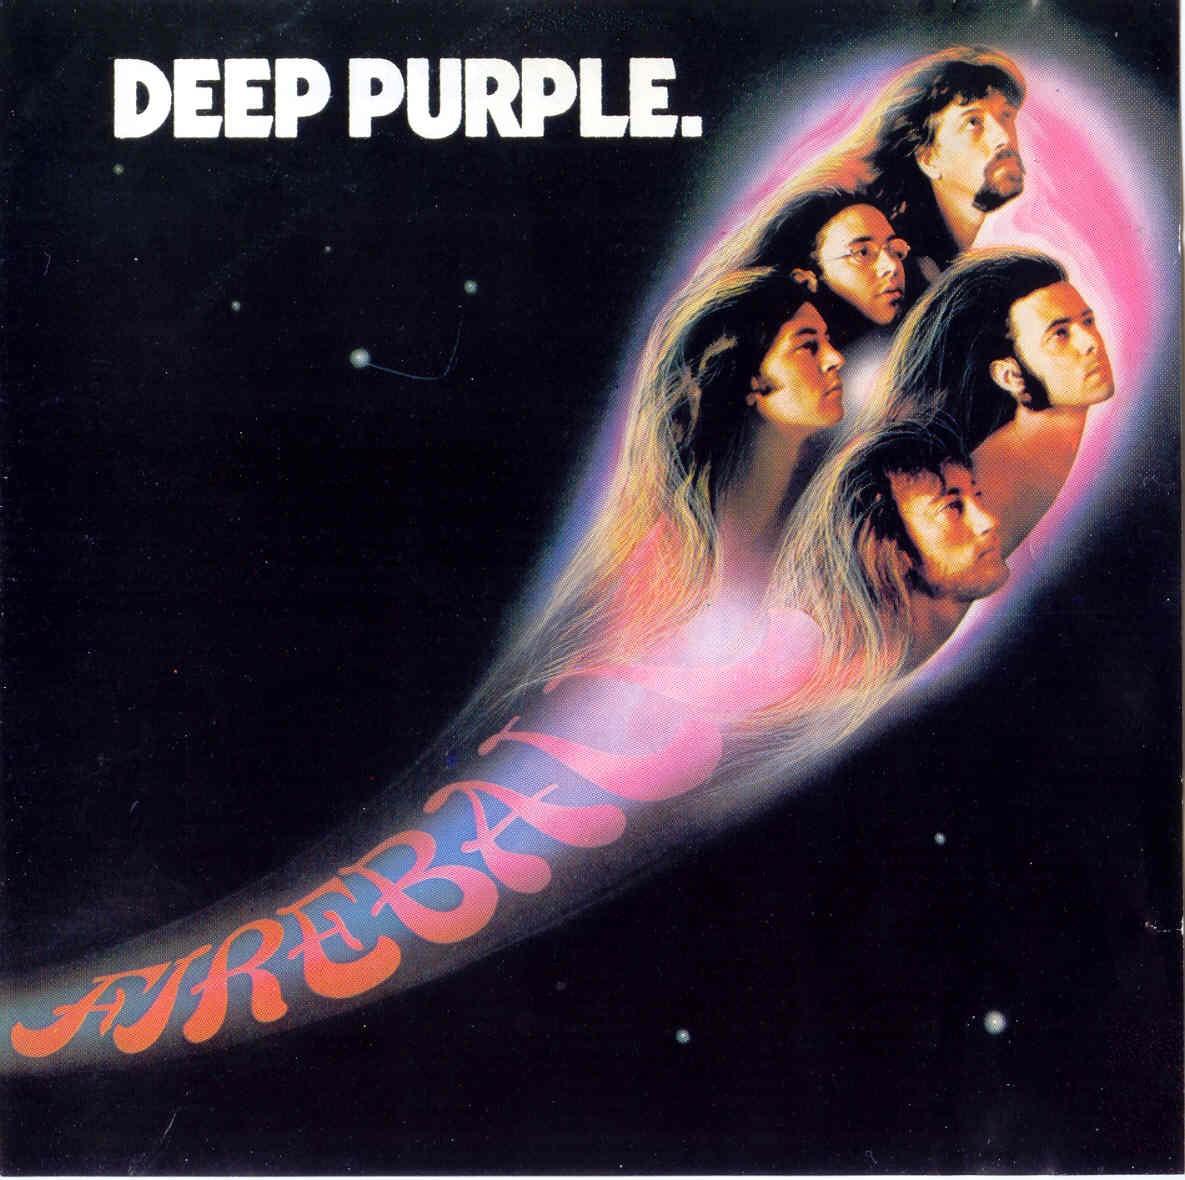 Ce que vous écoutez  là tout de suite - Page 37 %5BAllCDCovers%5D_deep_purple_fireball_1971_retail_cd-front